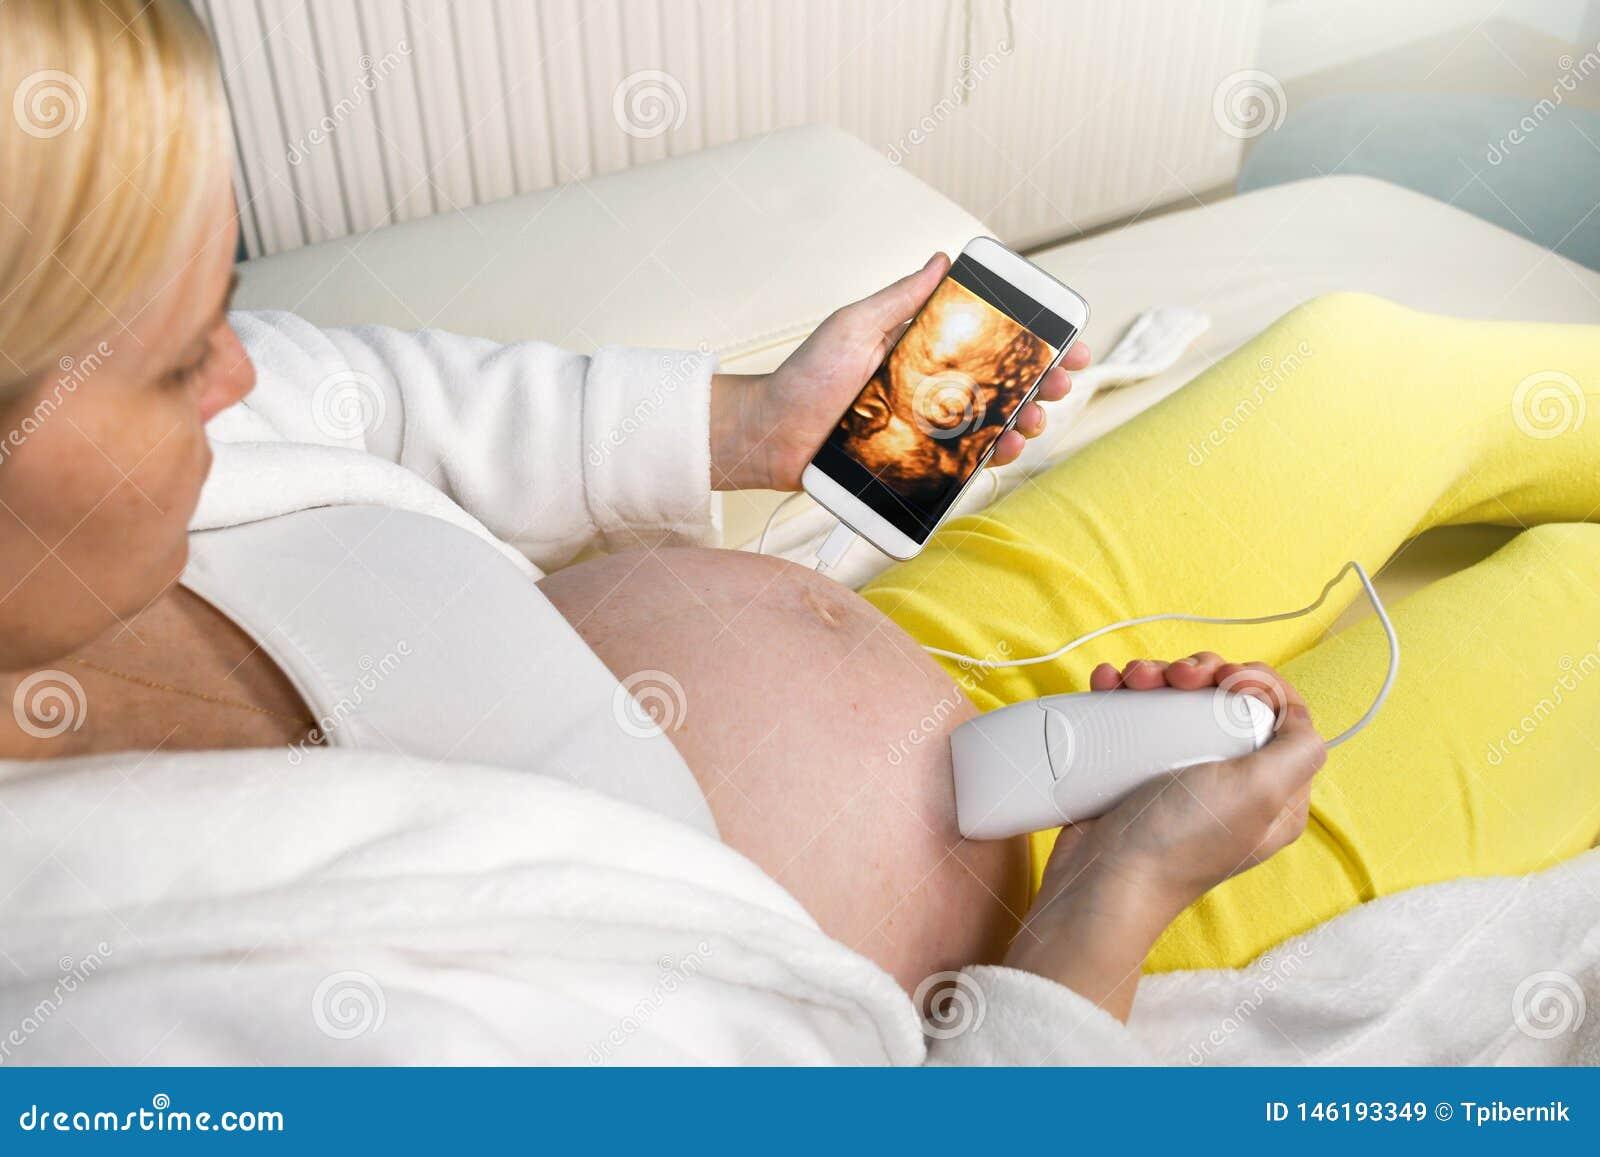 Femme enceinte moderne s asseyant sur un divan blanc ? la maison d?tendant et faisant seule l ultrason 3D num?rique